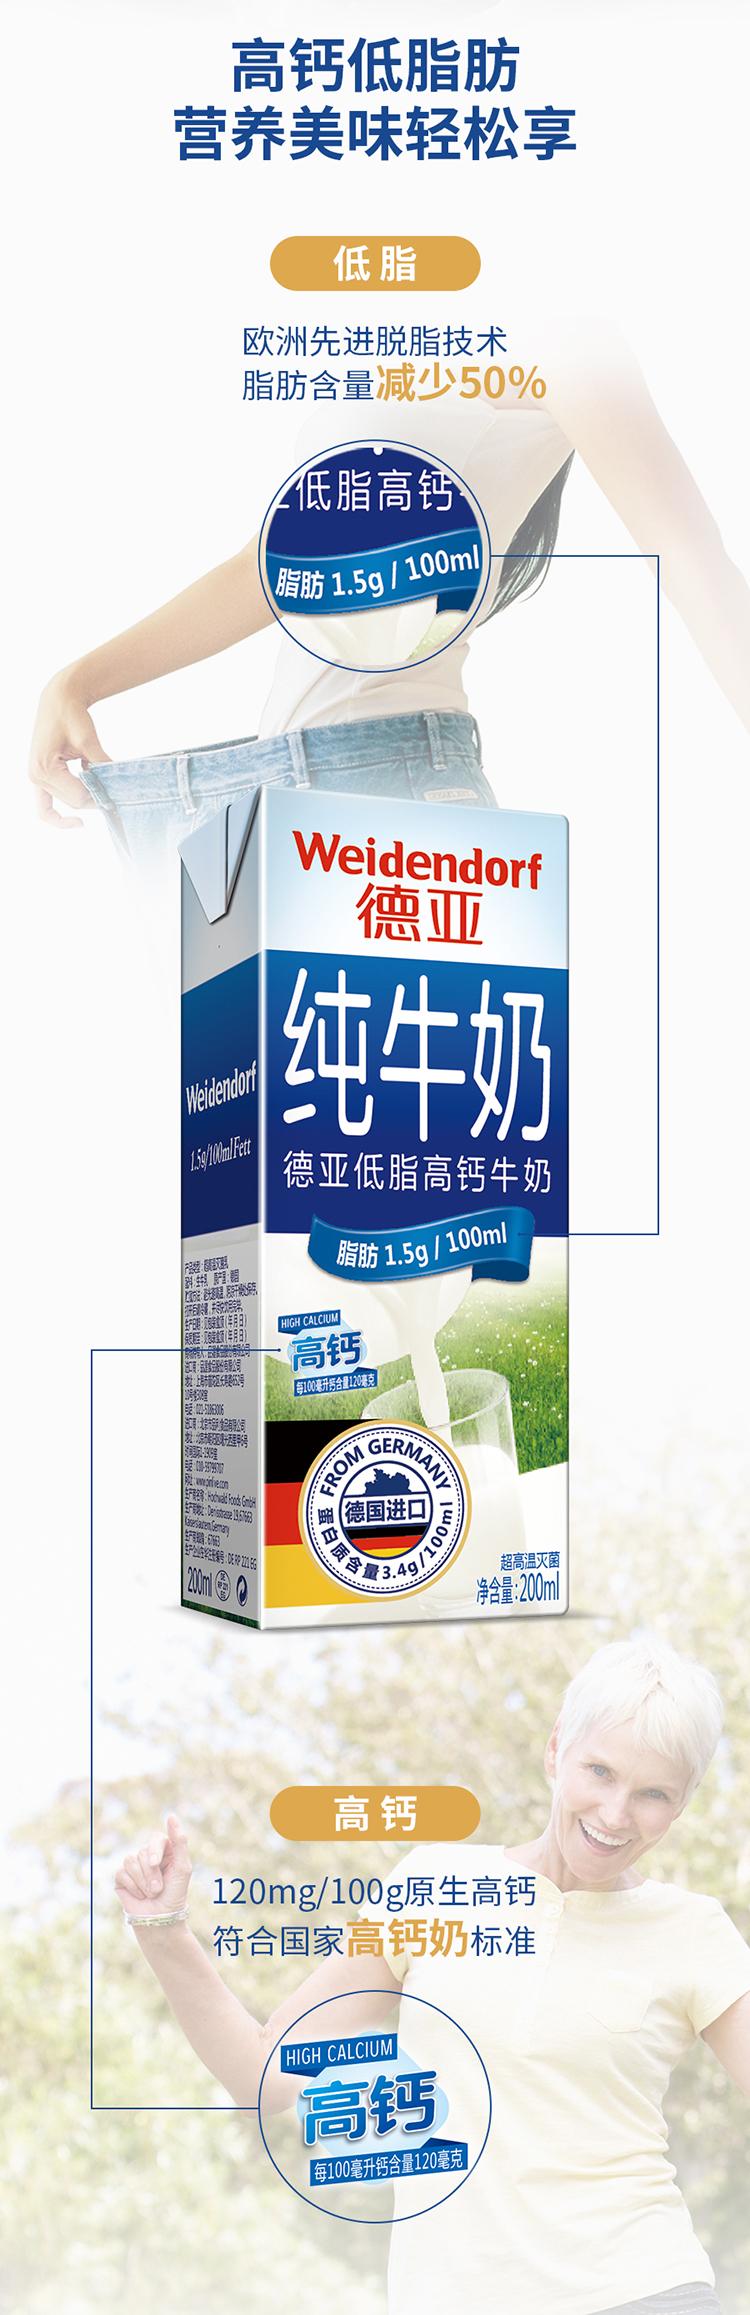 猫超次日达,德国原装进口,低脂高钙:200mlx30盒 德亚 纯牛奶 69.9元包邮 买手党-买手聚集的地方